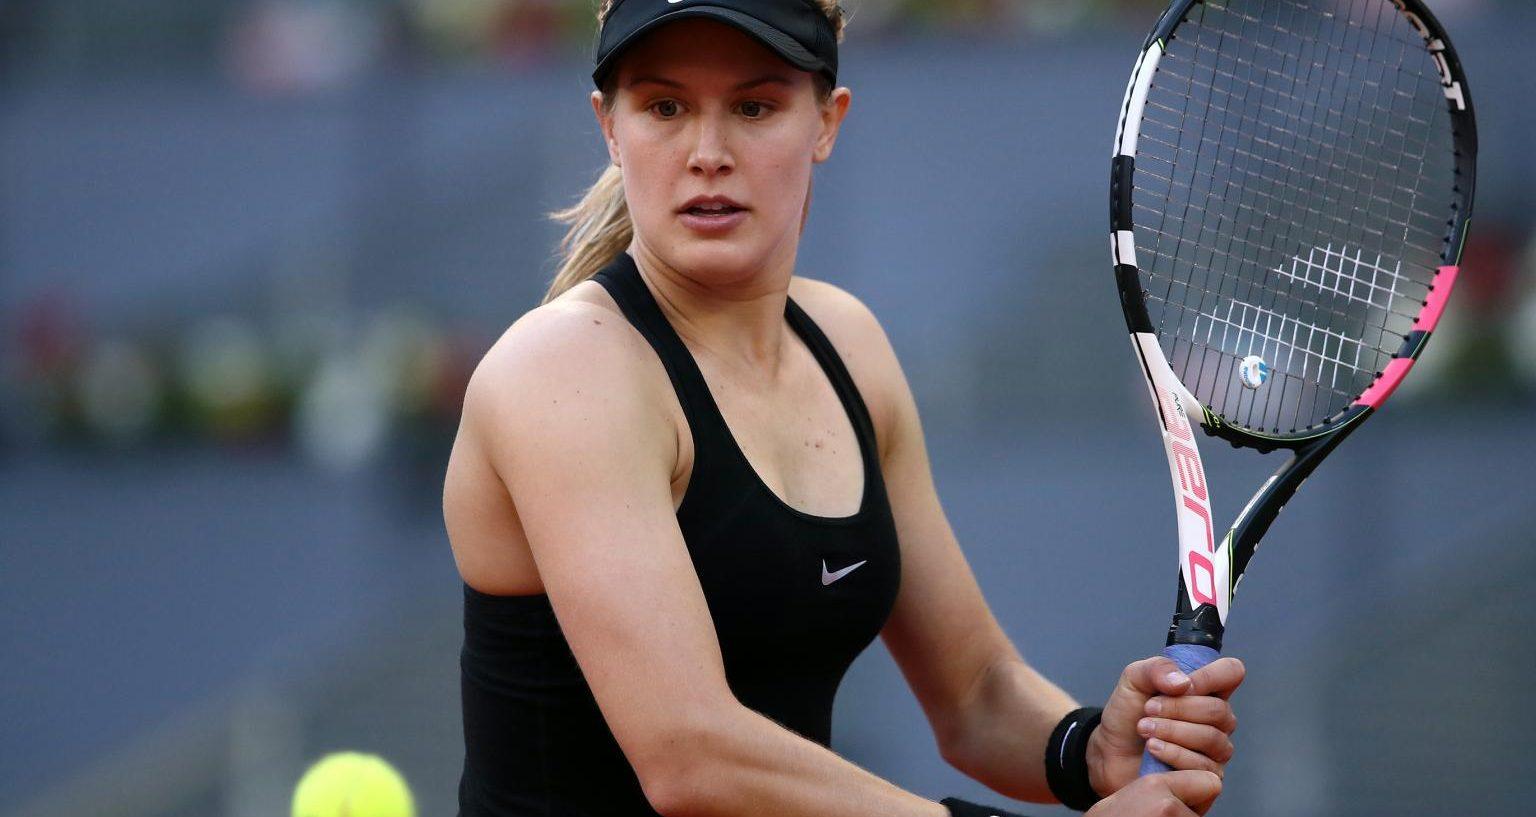 El grito en el tenis